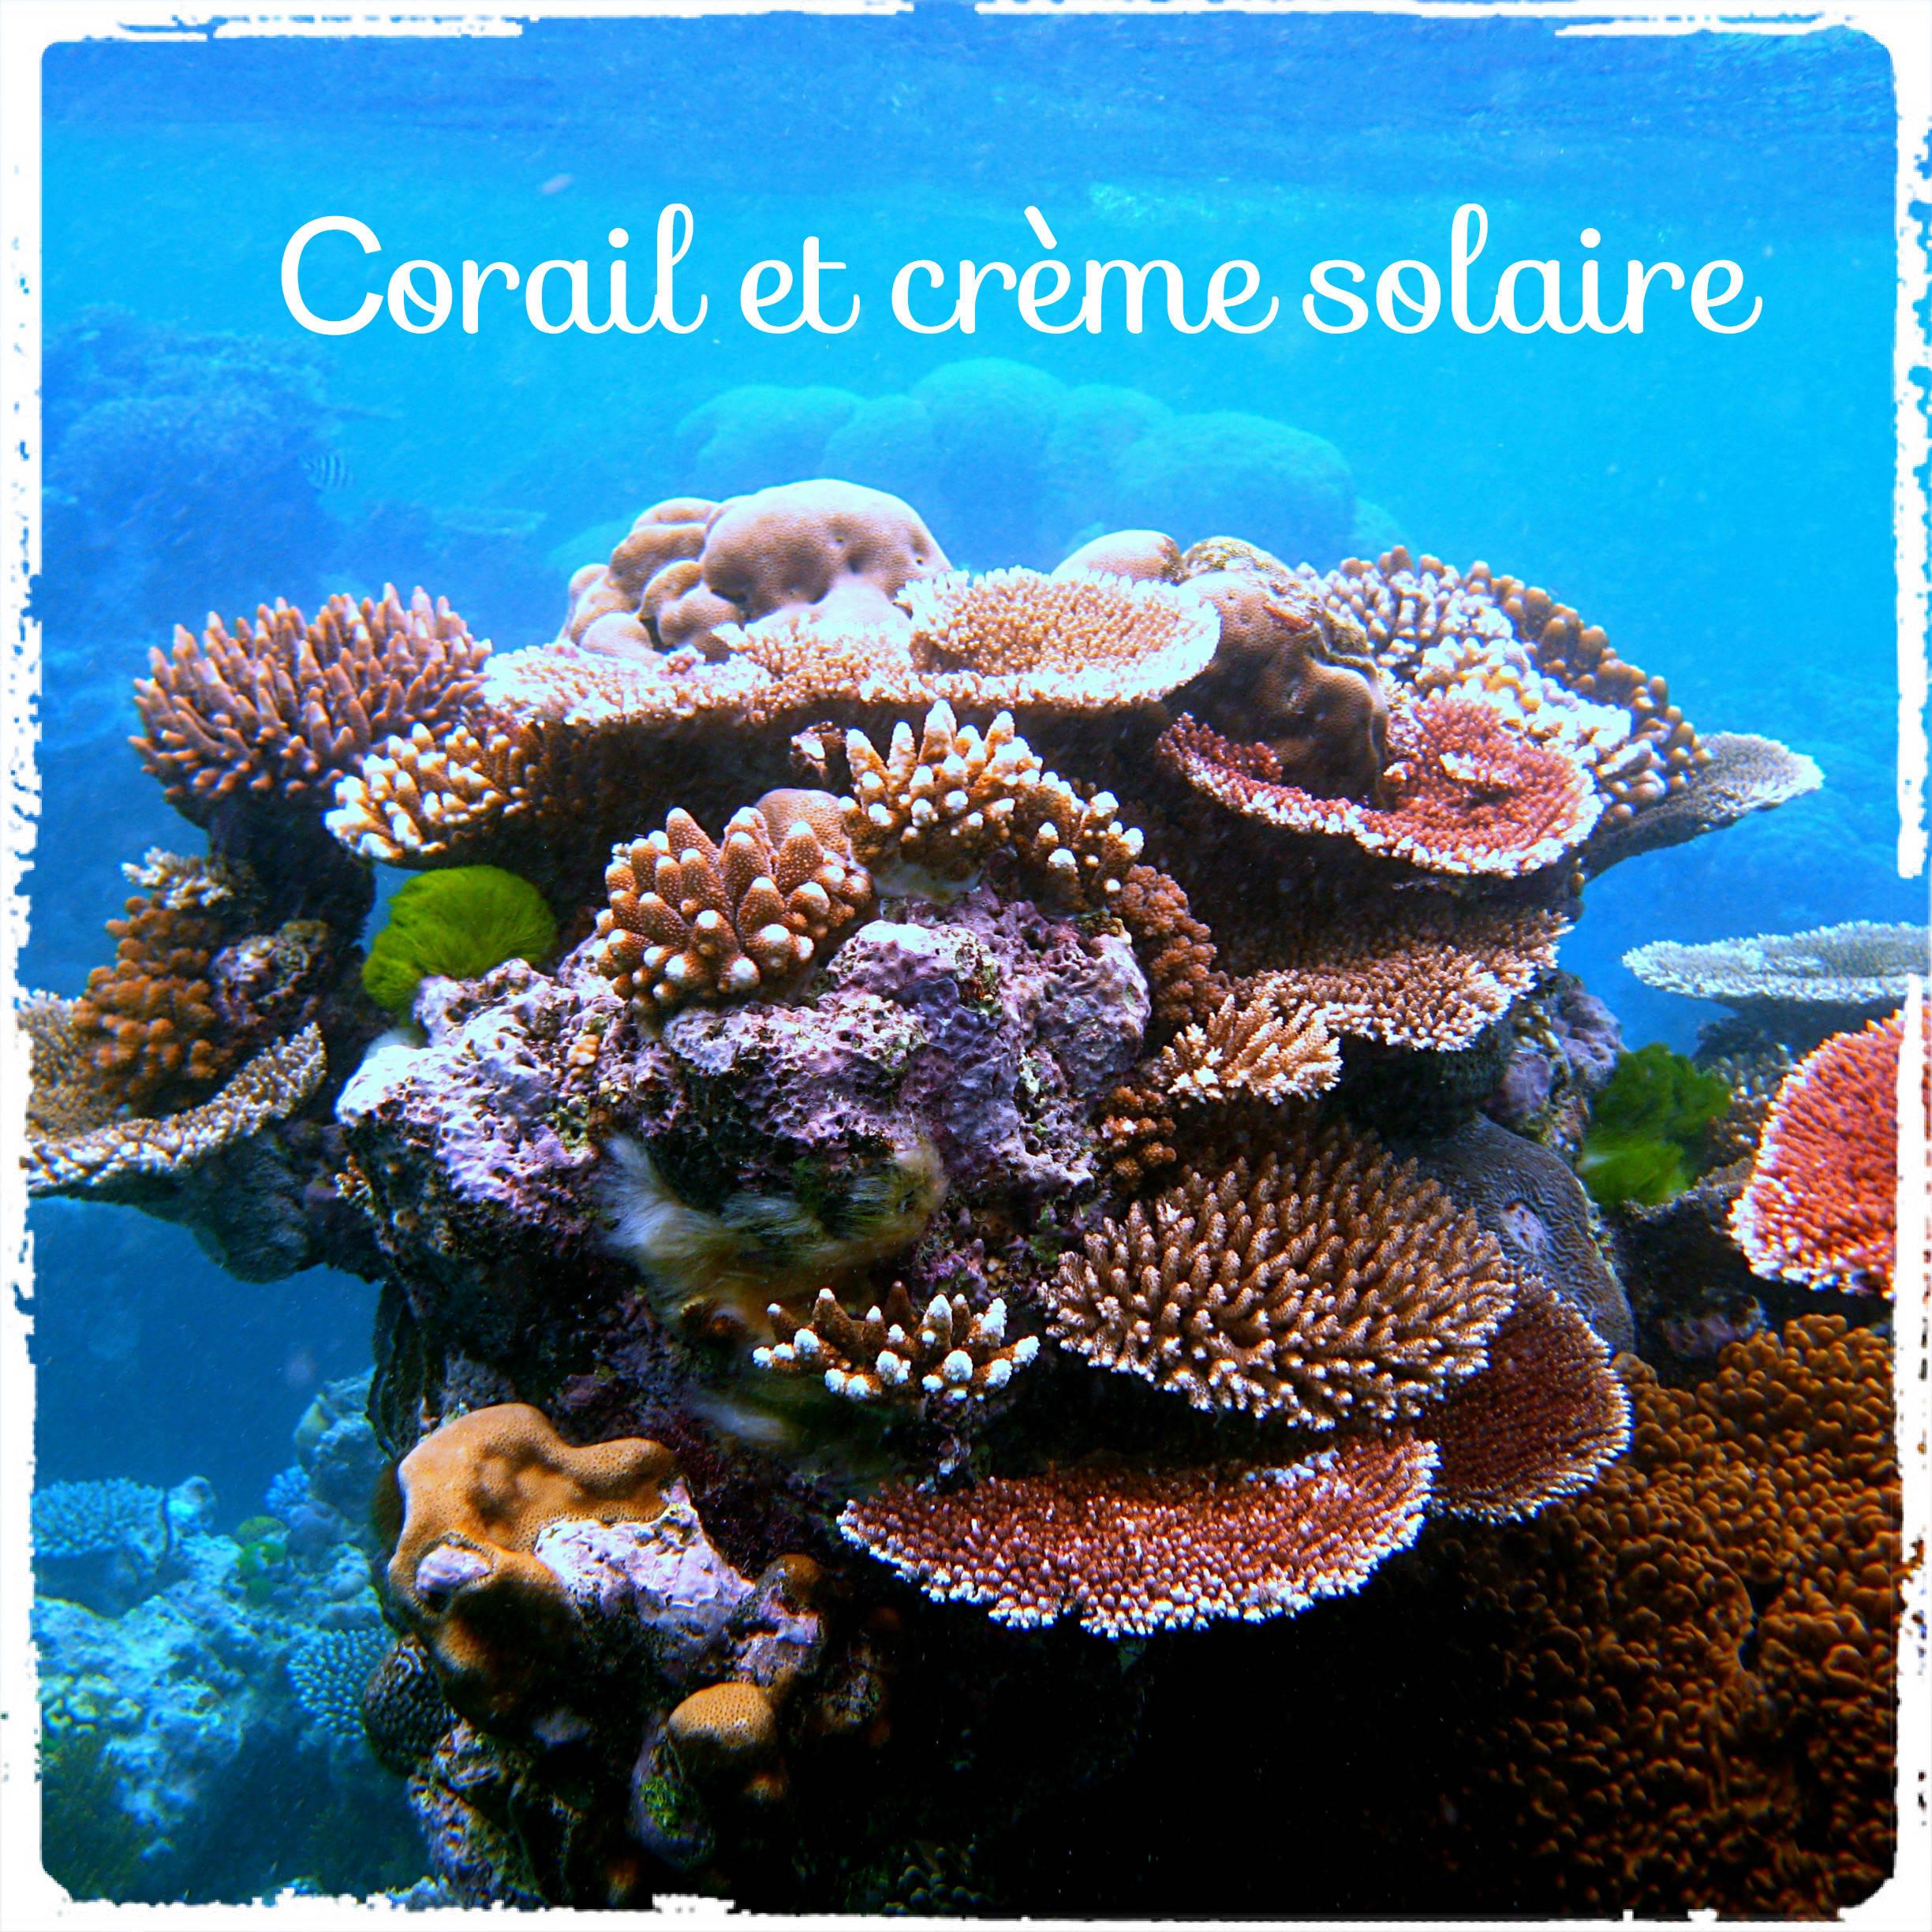 corail crème solaire